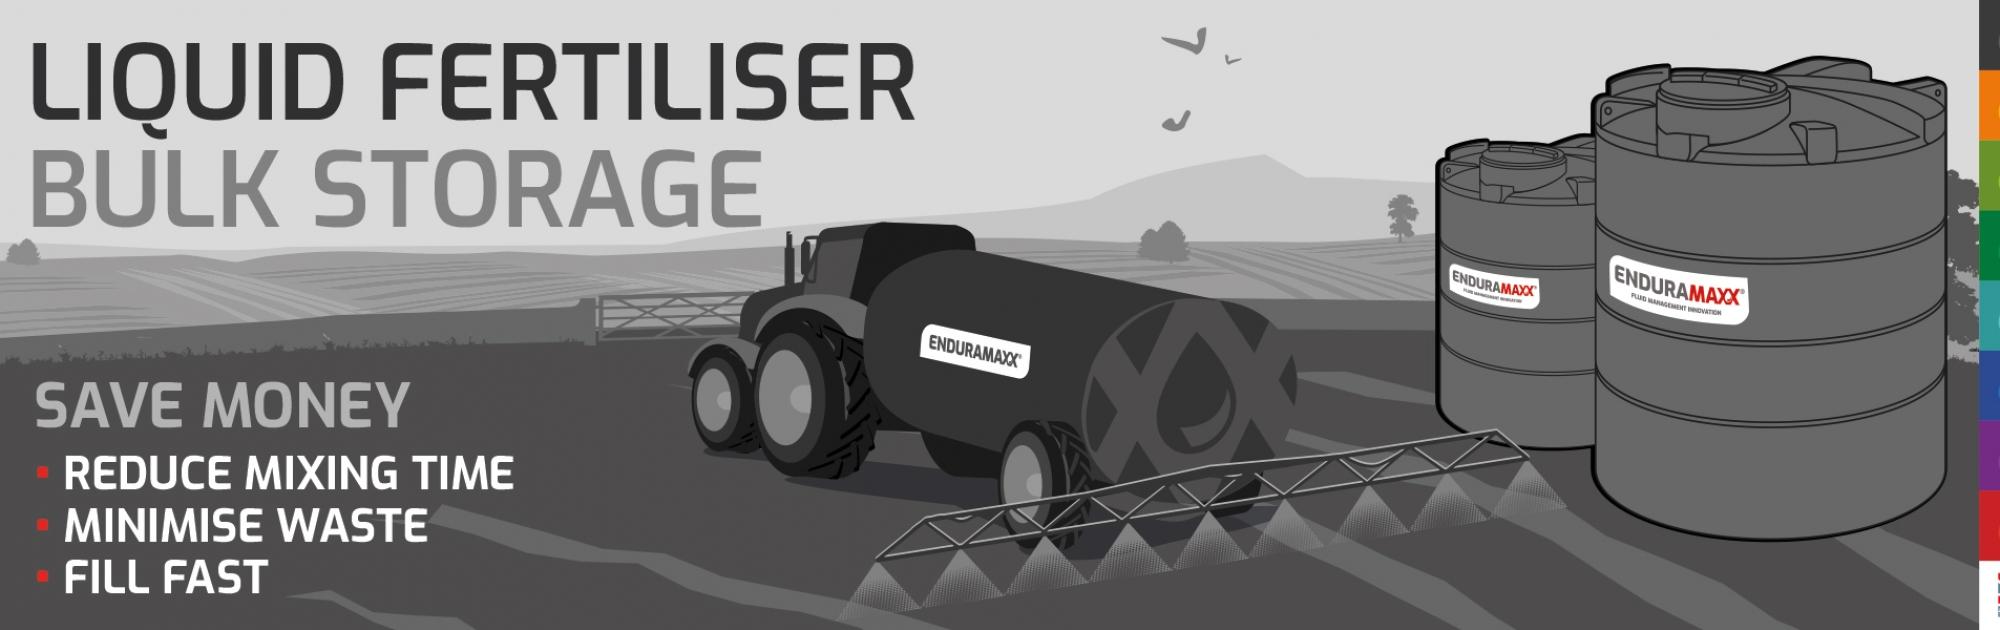 10,000 litre tanks liquid fertiliser banner 72